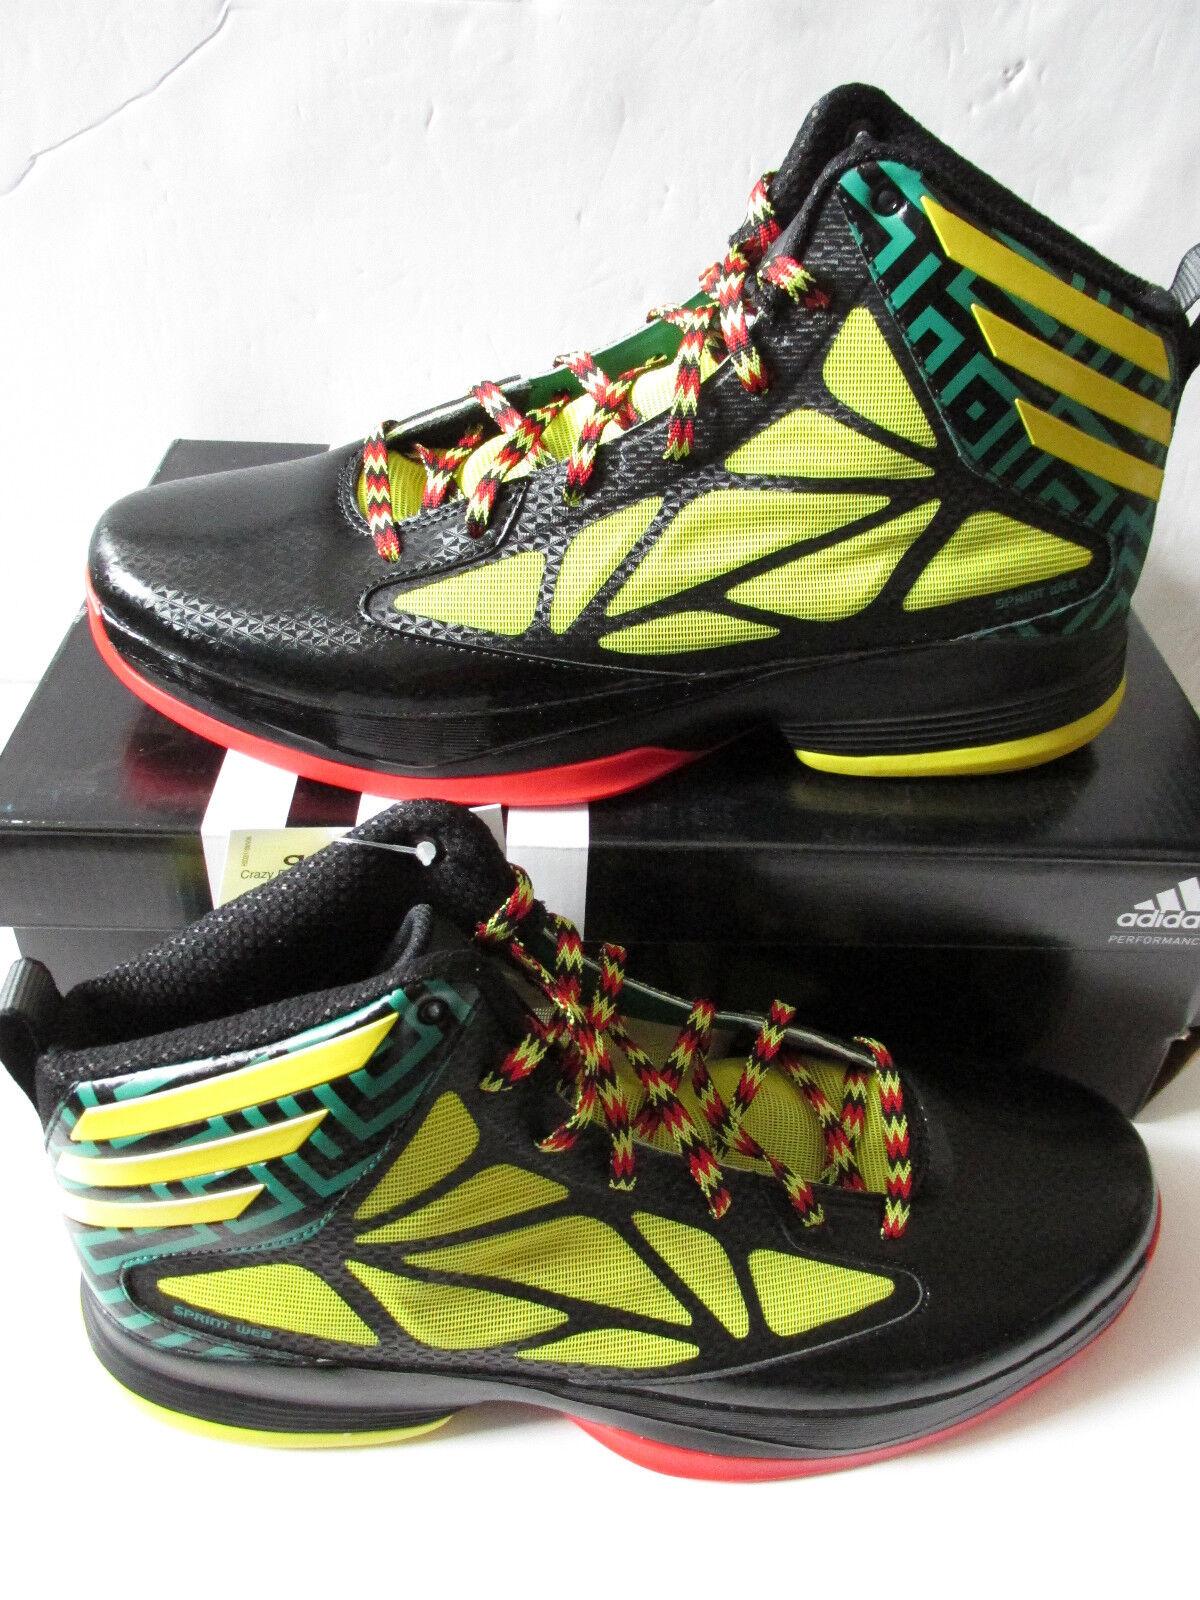 Adidas Crazy Fast Para baloncesto Hombre Hi Top de baloncesto Para formadores g59722 Zapatillas Zapatos 3767ba